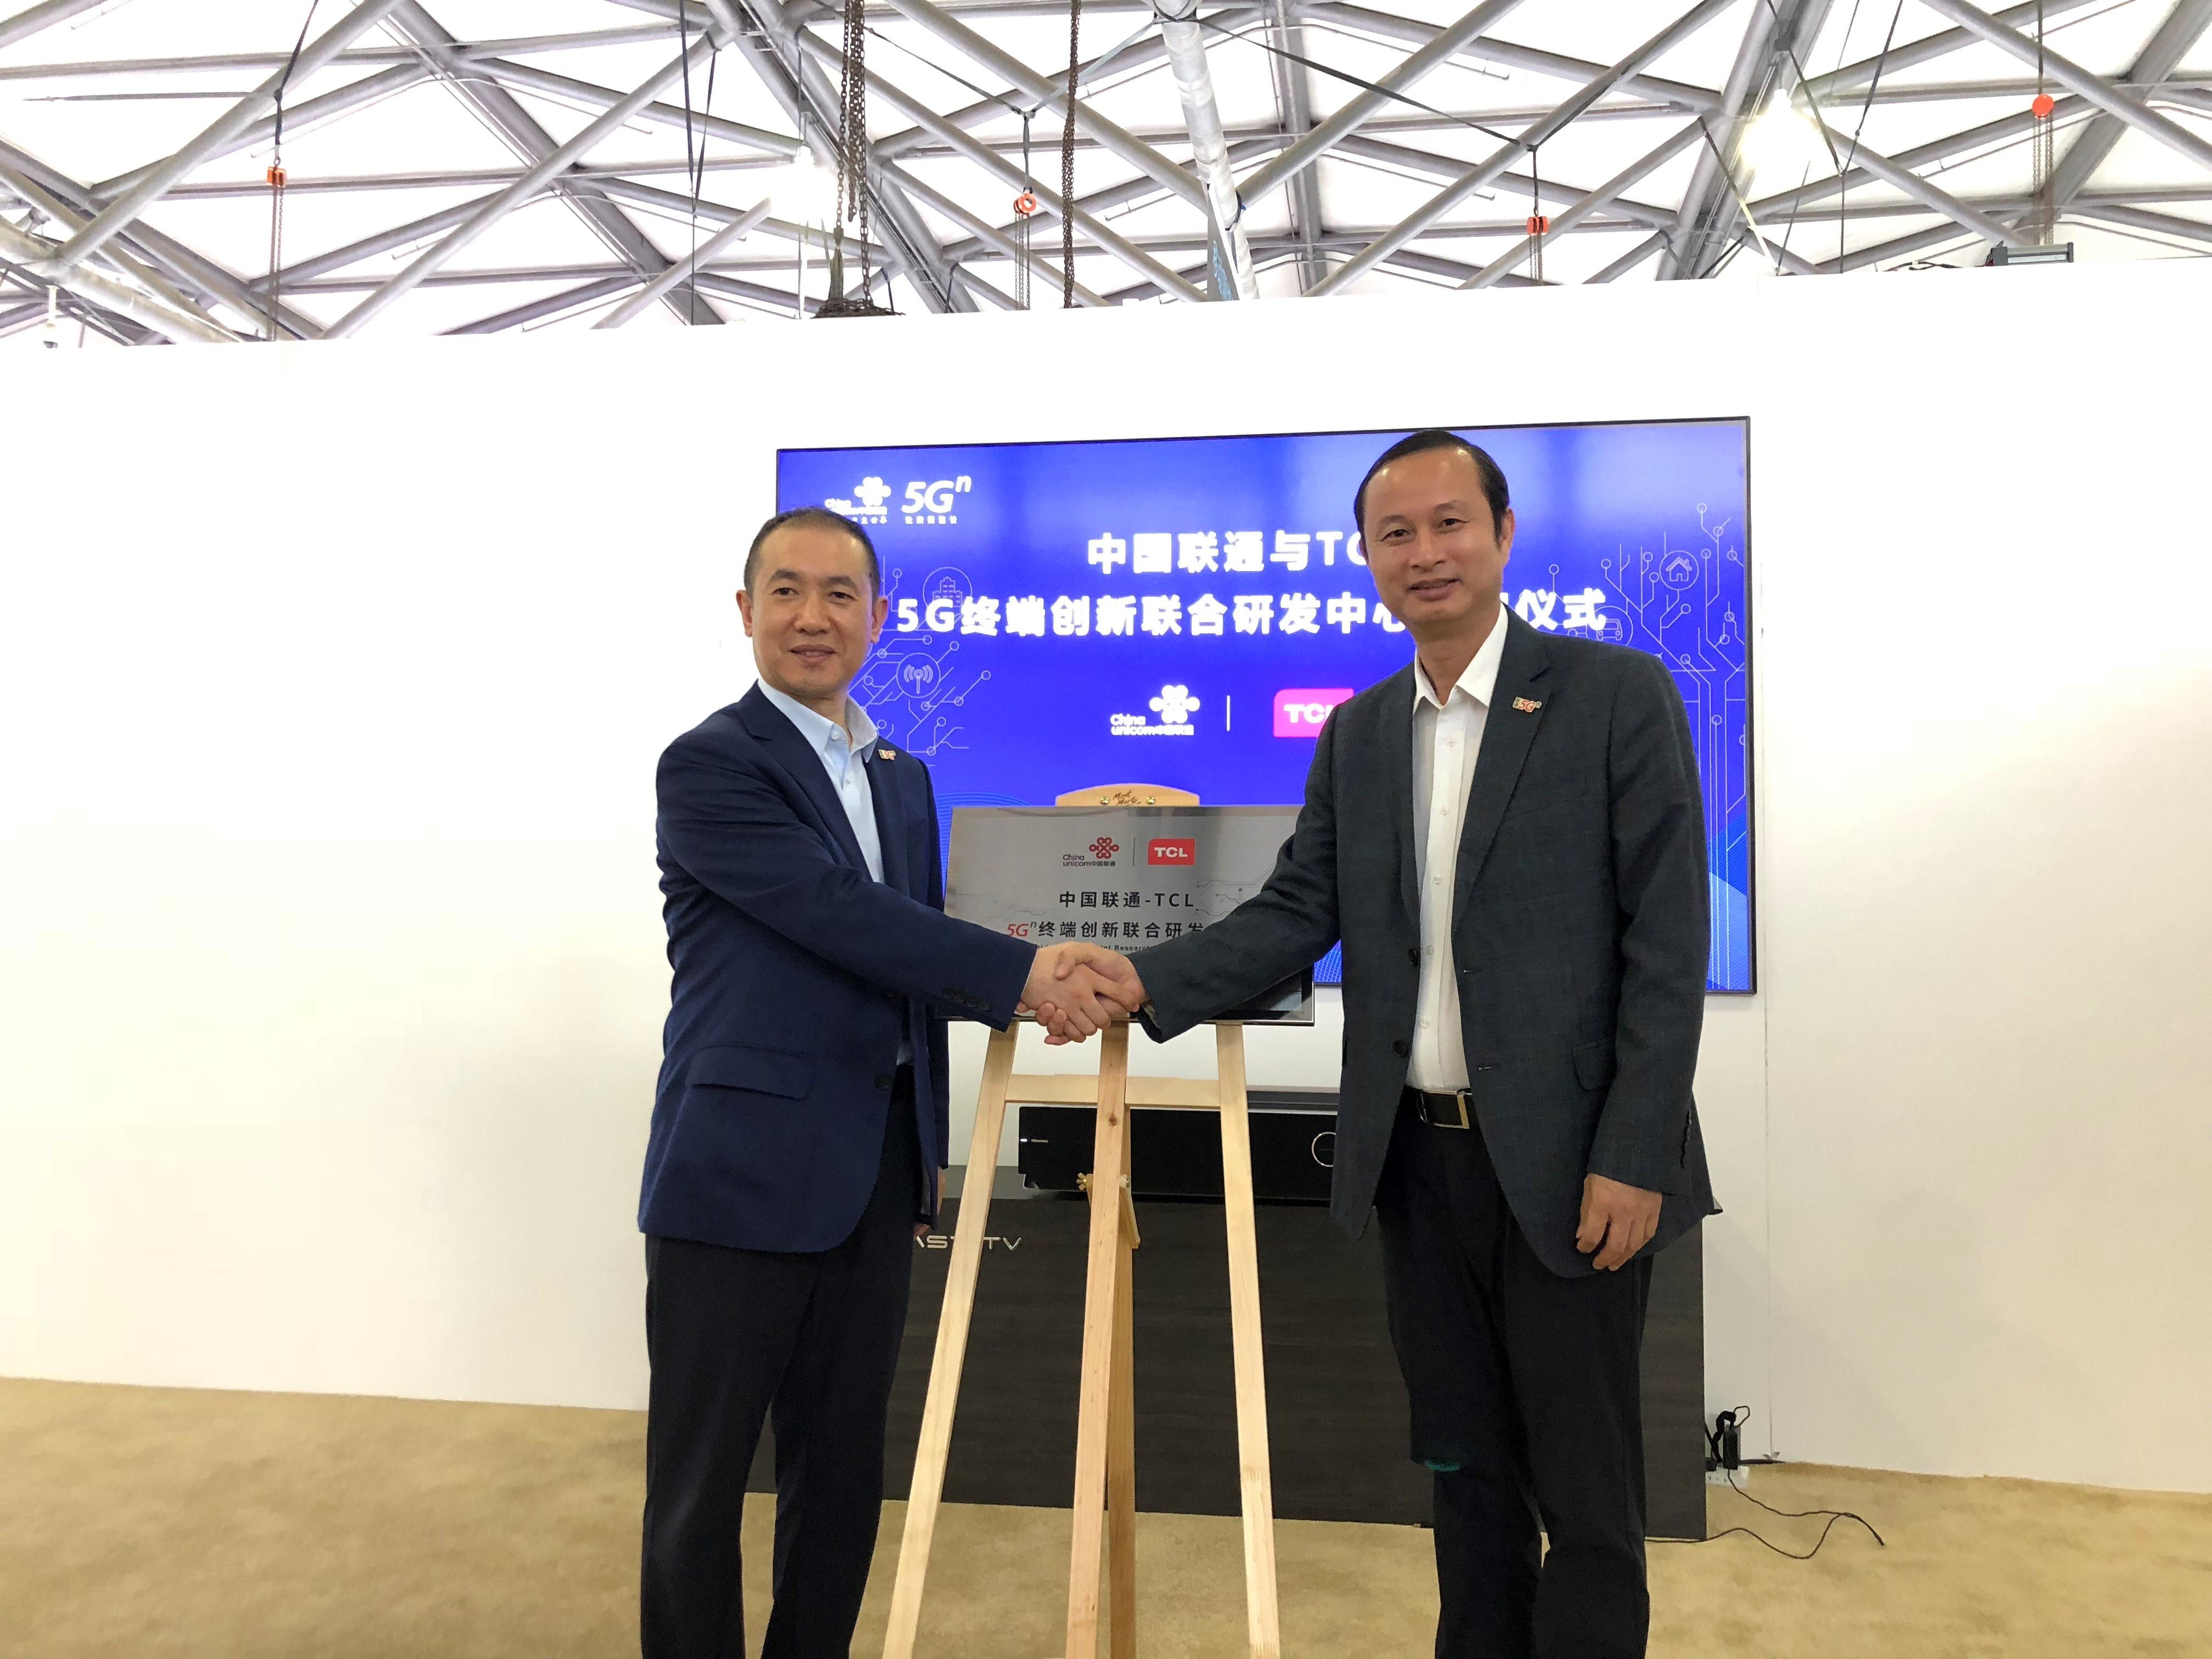 中国联通与TCL通讯5G终端创新联合研发中心揭牌